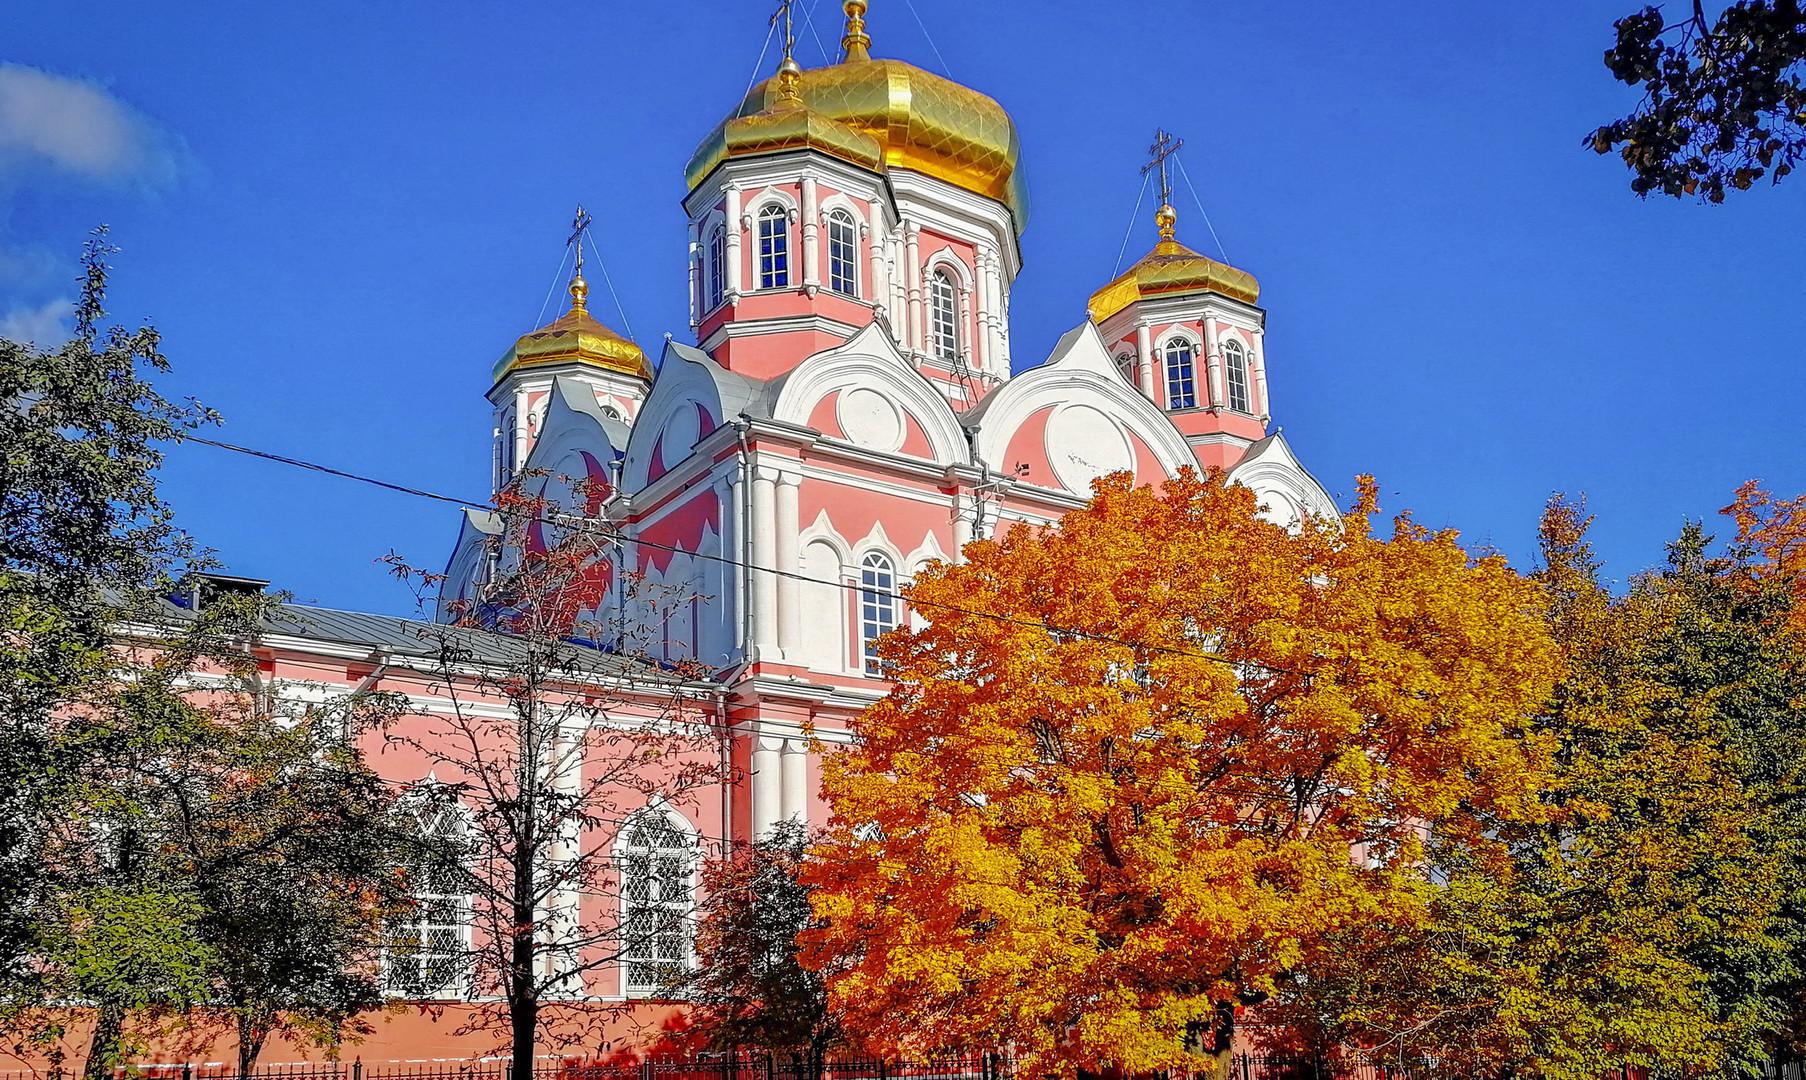 Смоленская церковь, Орёл